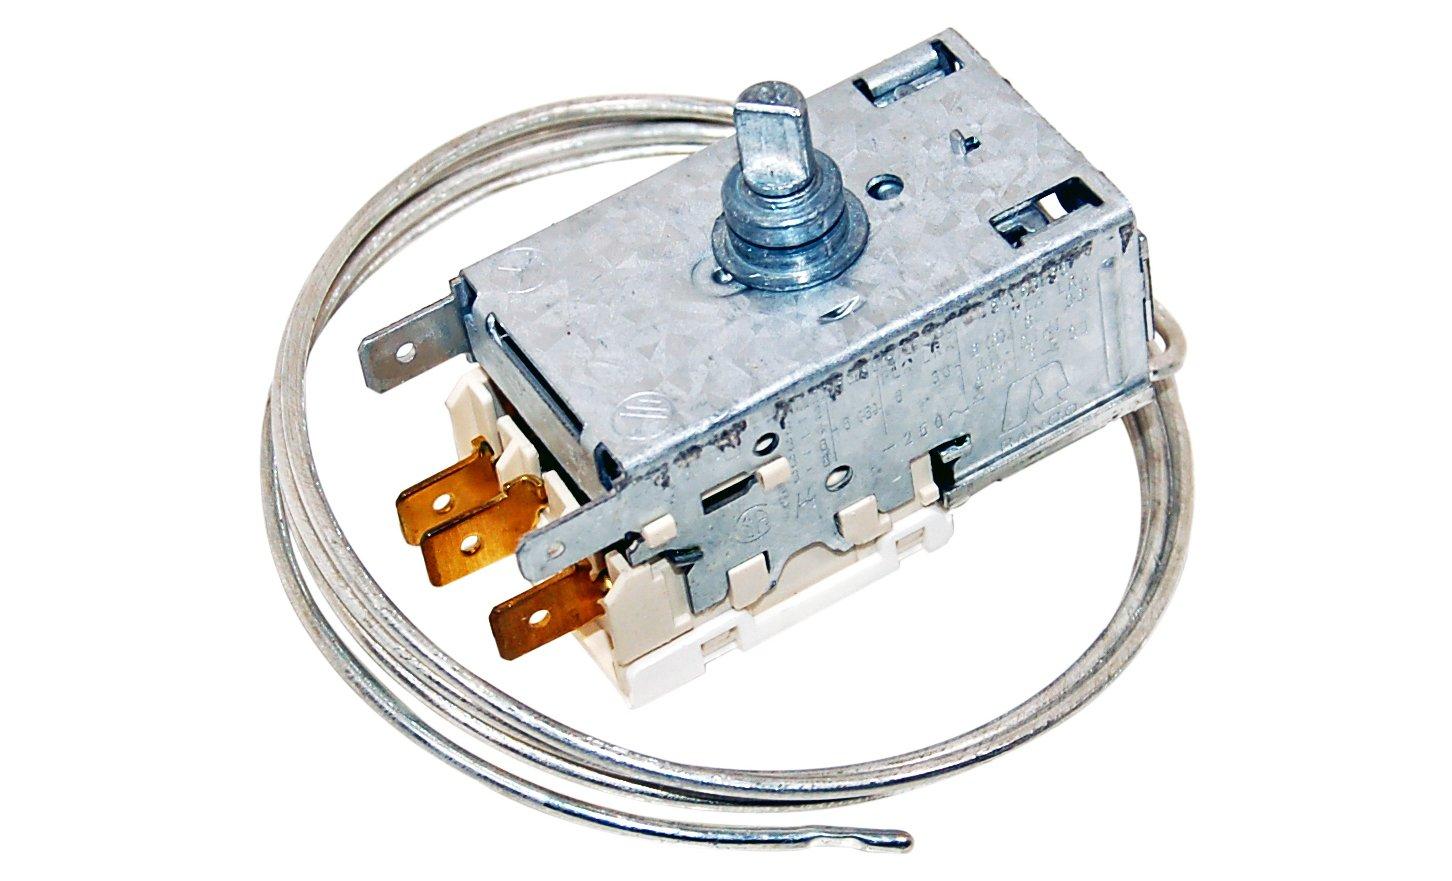 Ignis Ikea Cda Réfrigérateur Congélateur Thermostat 481227128422 Réfrigérateurs, Congélateurs